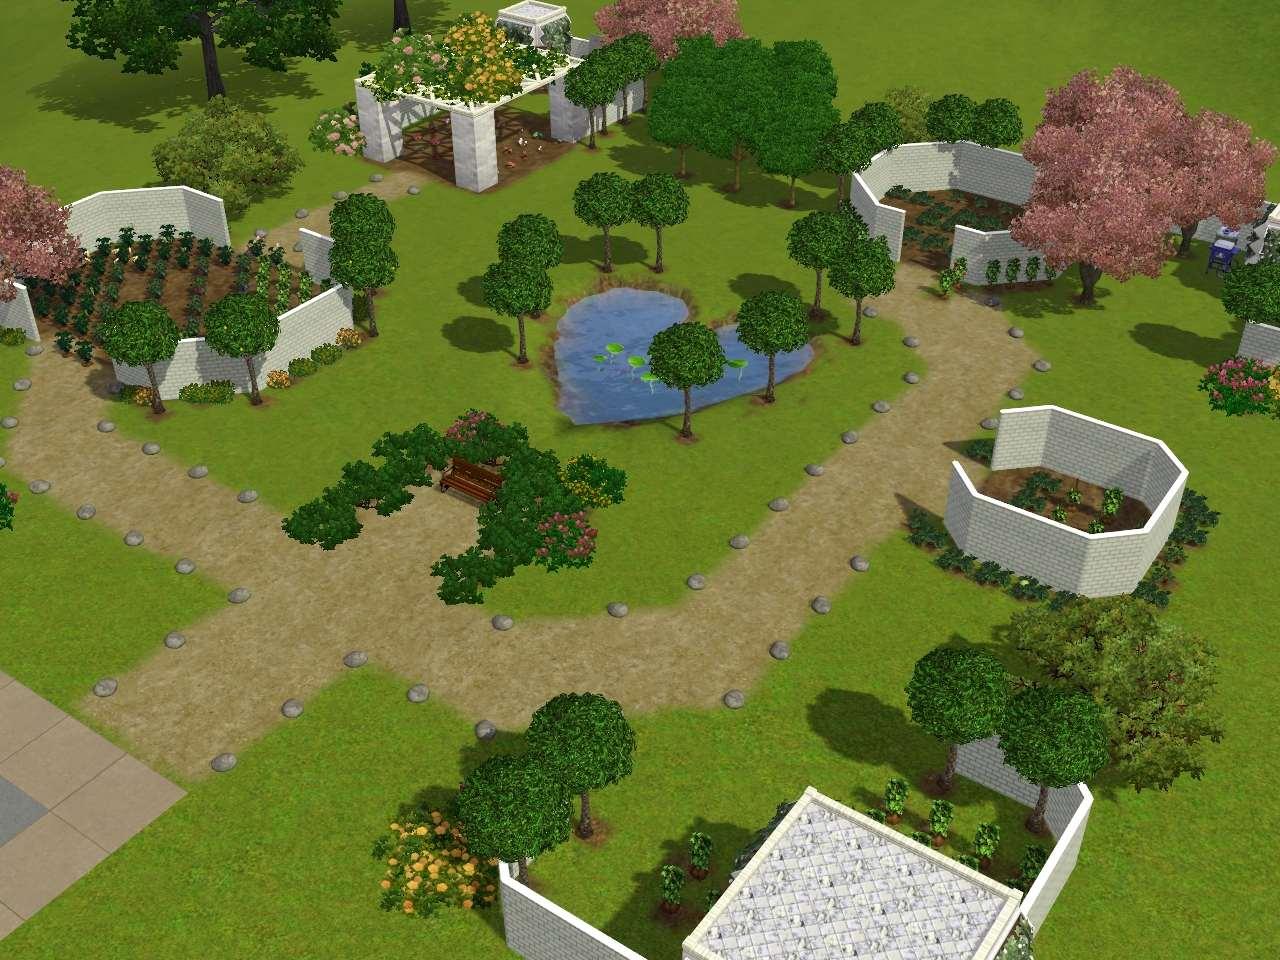 Sims 3 garden gardens design ideas for Garden design sims 4